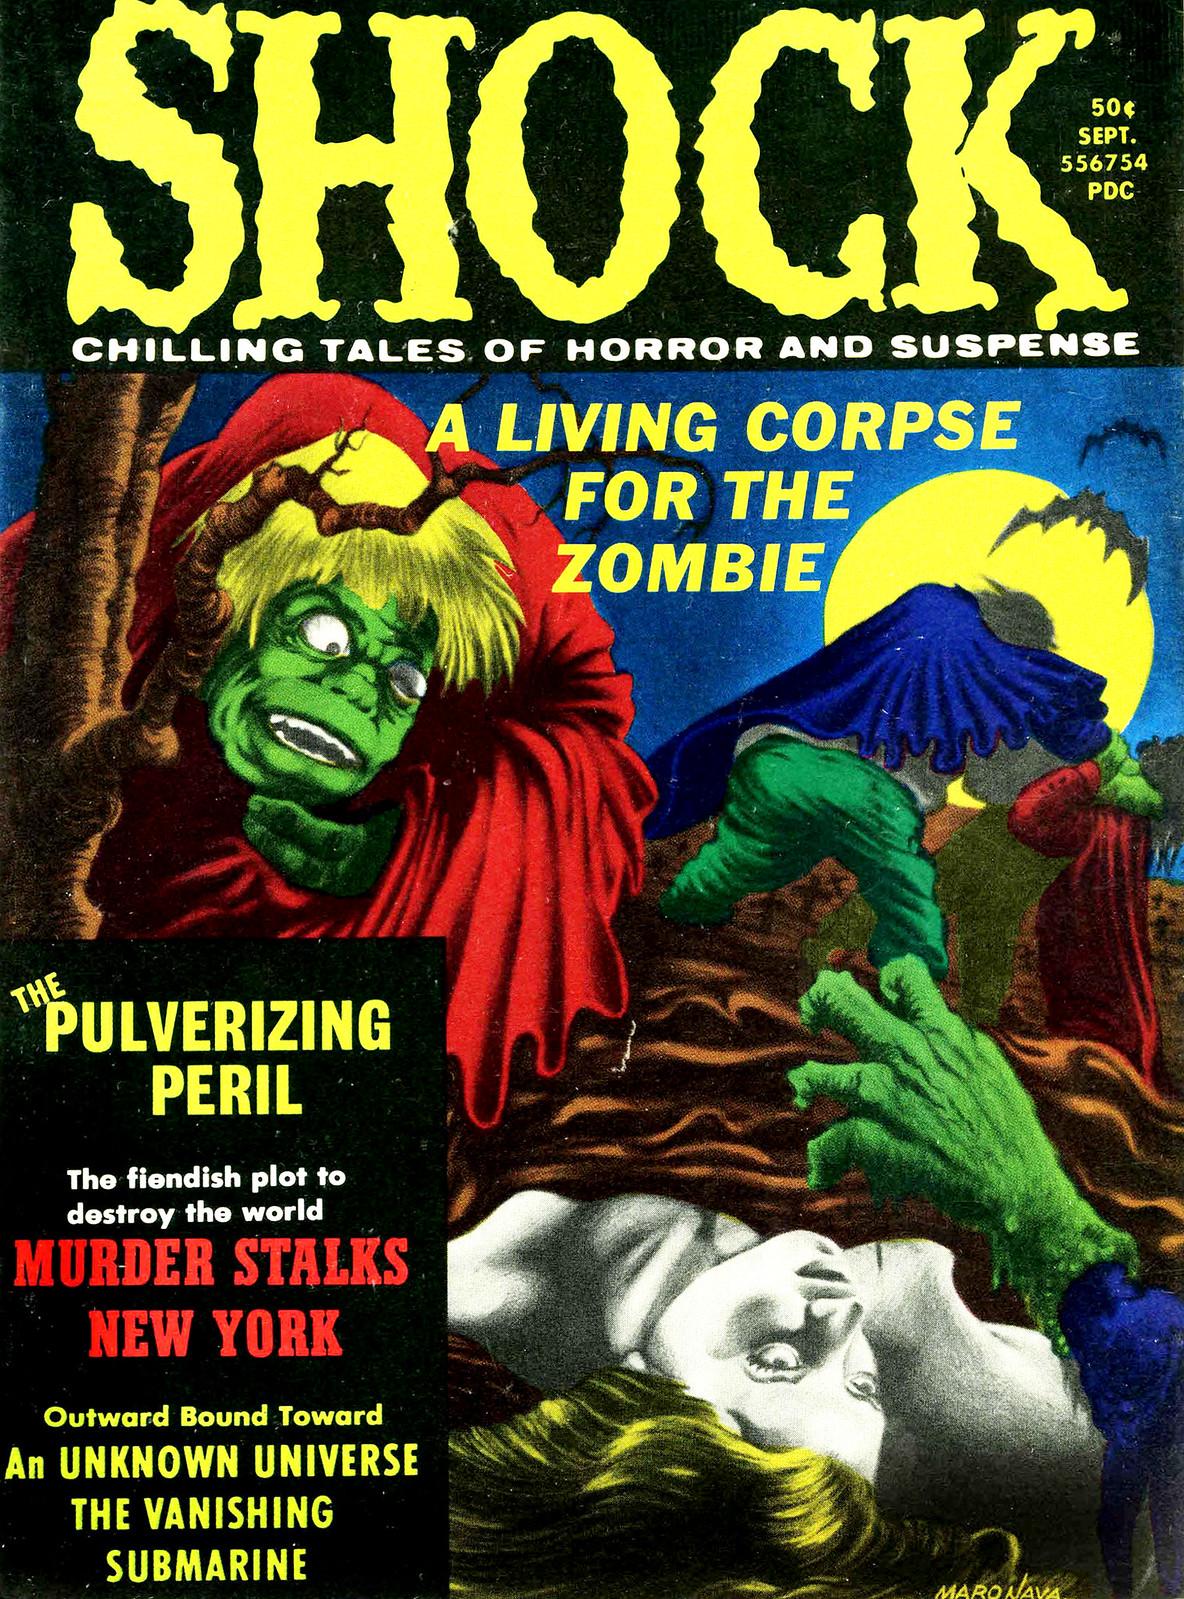 Shock - Volume 3, Issue 04, September 1971